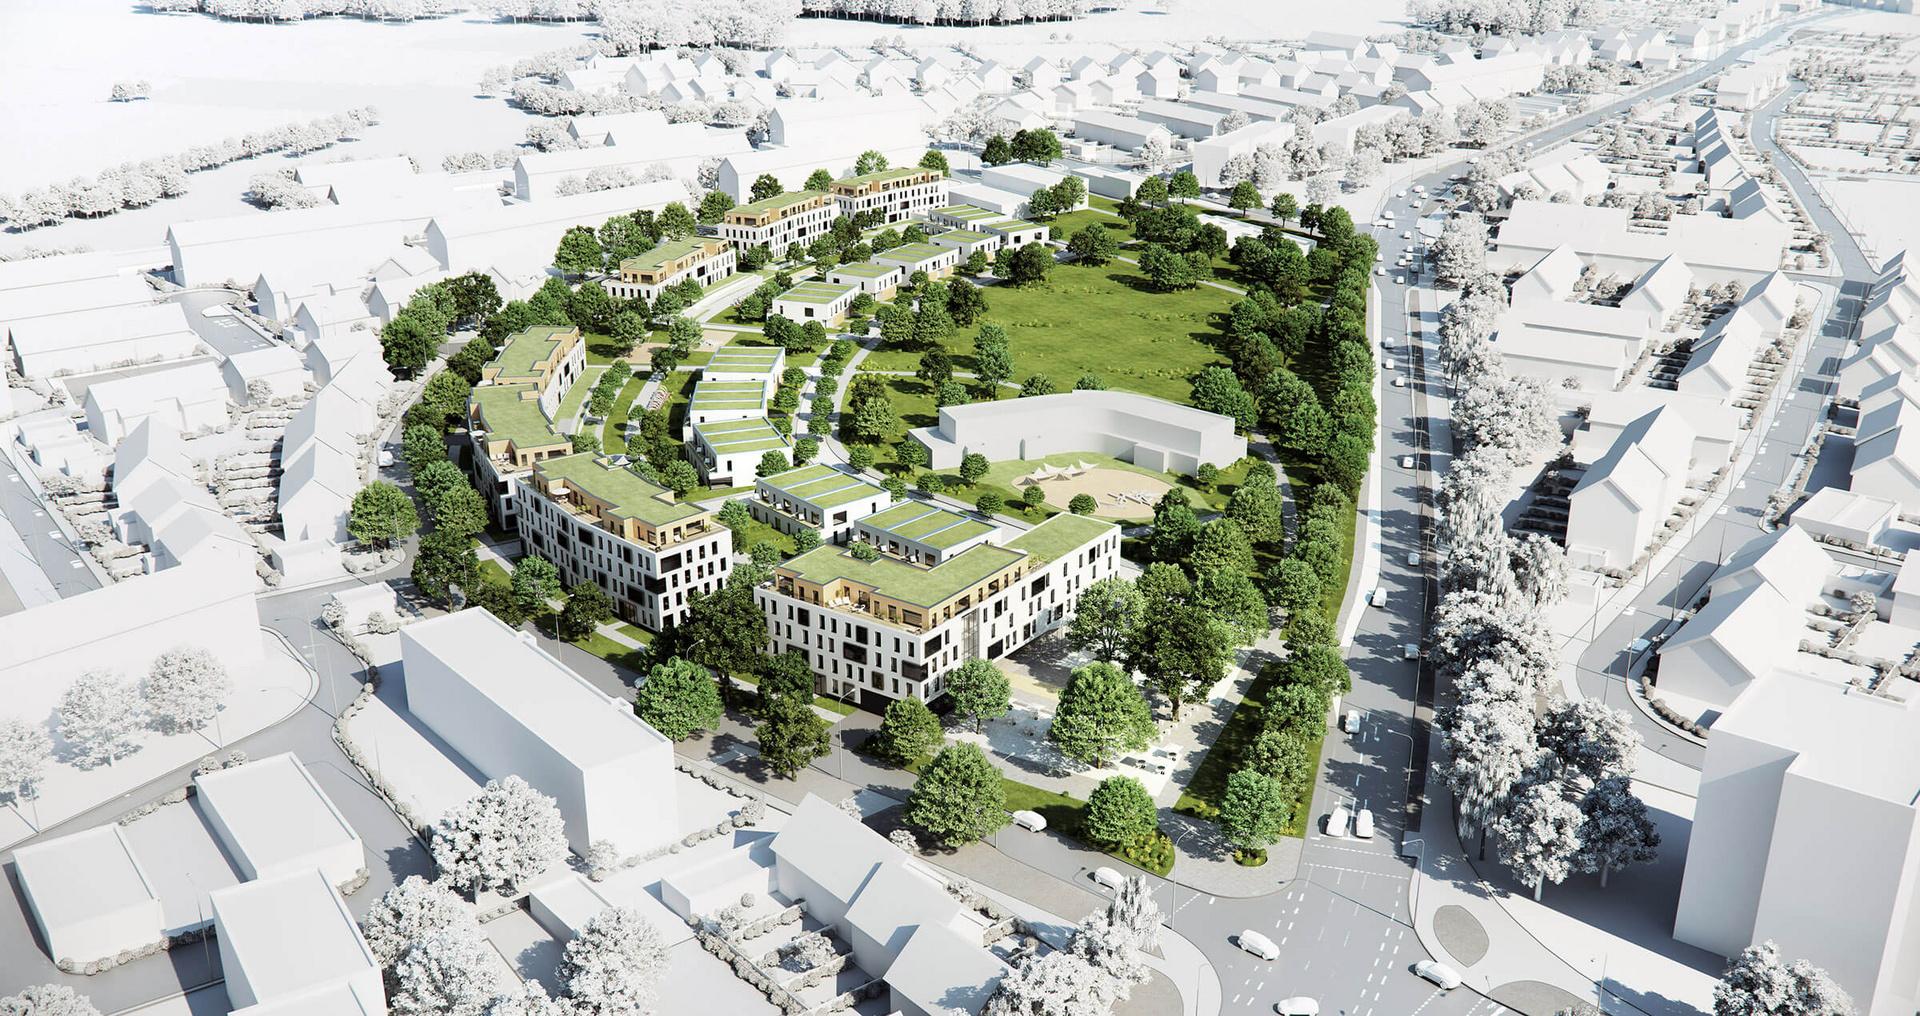 Architekten In Neuss neuss weckhoven